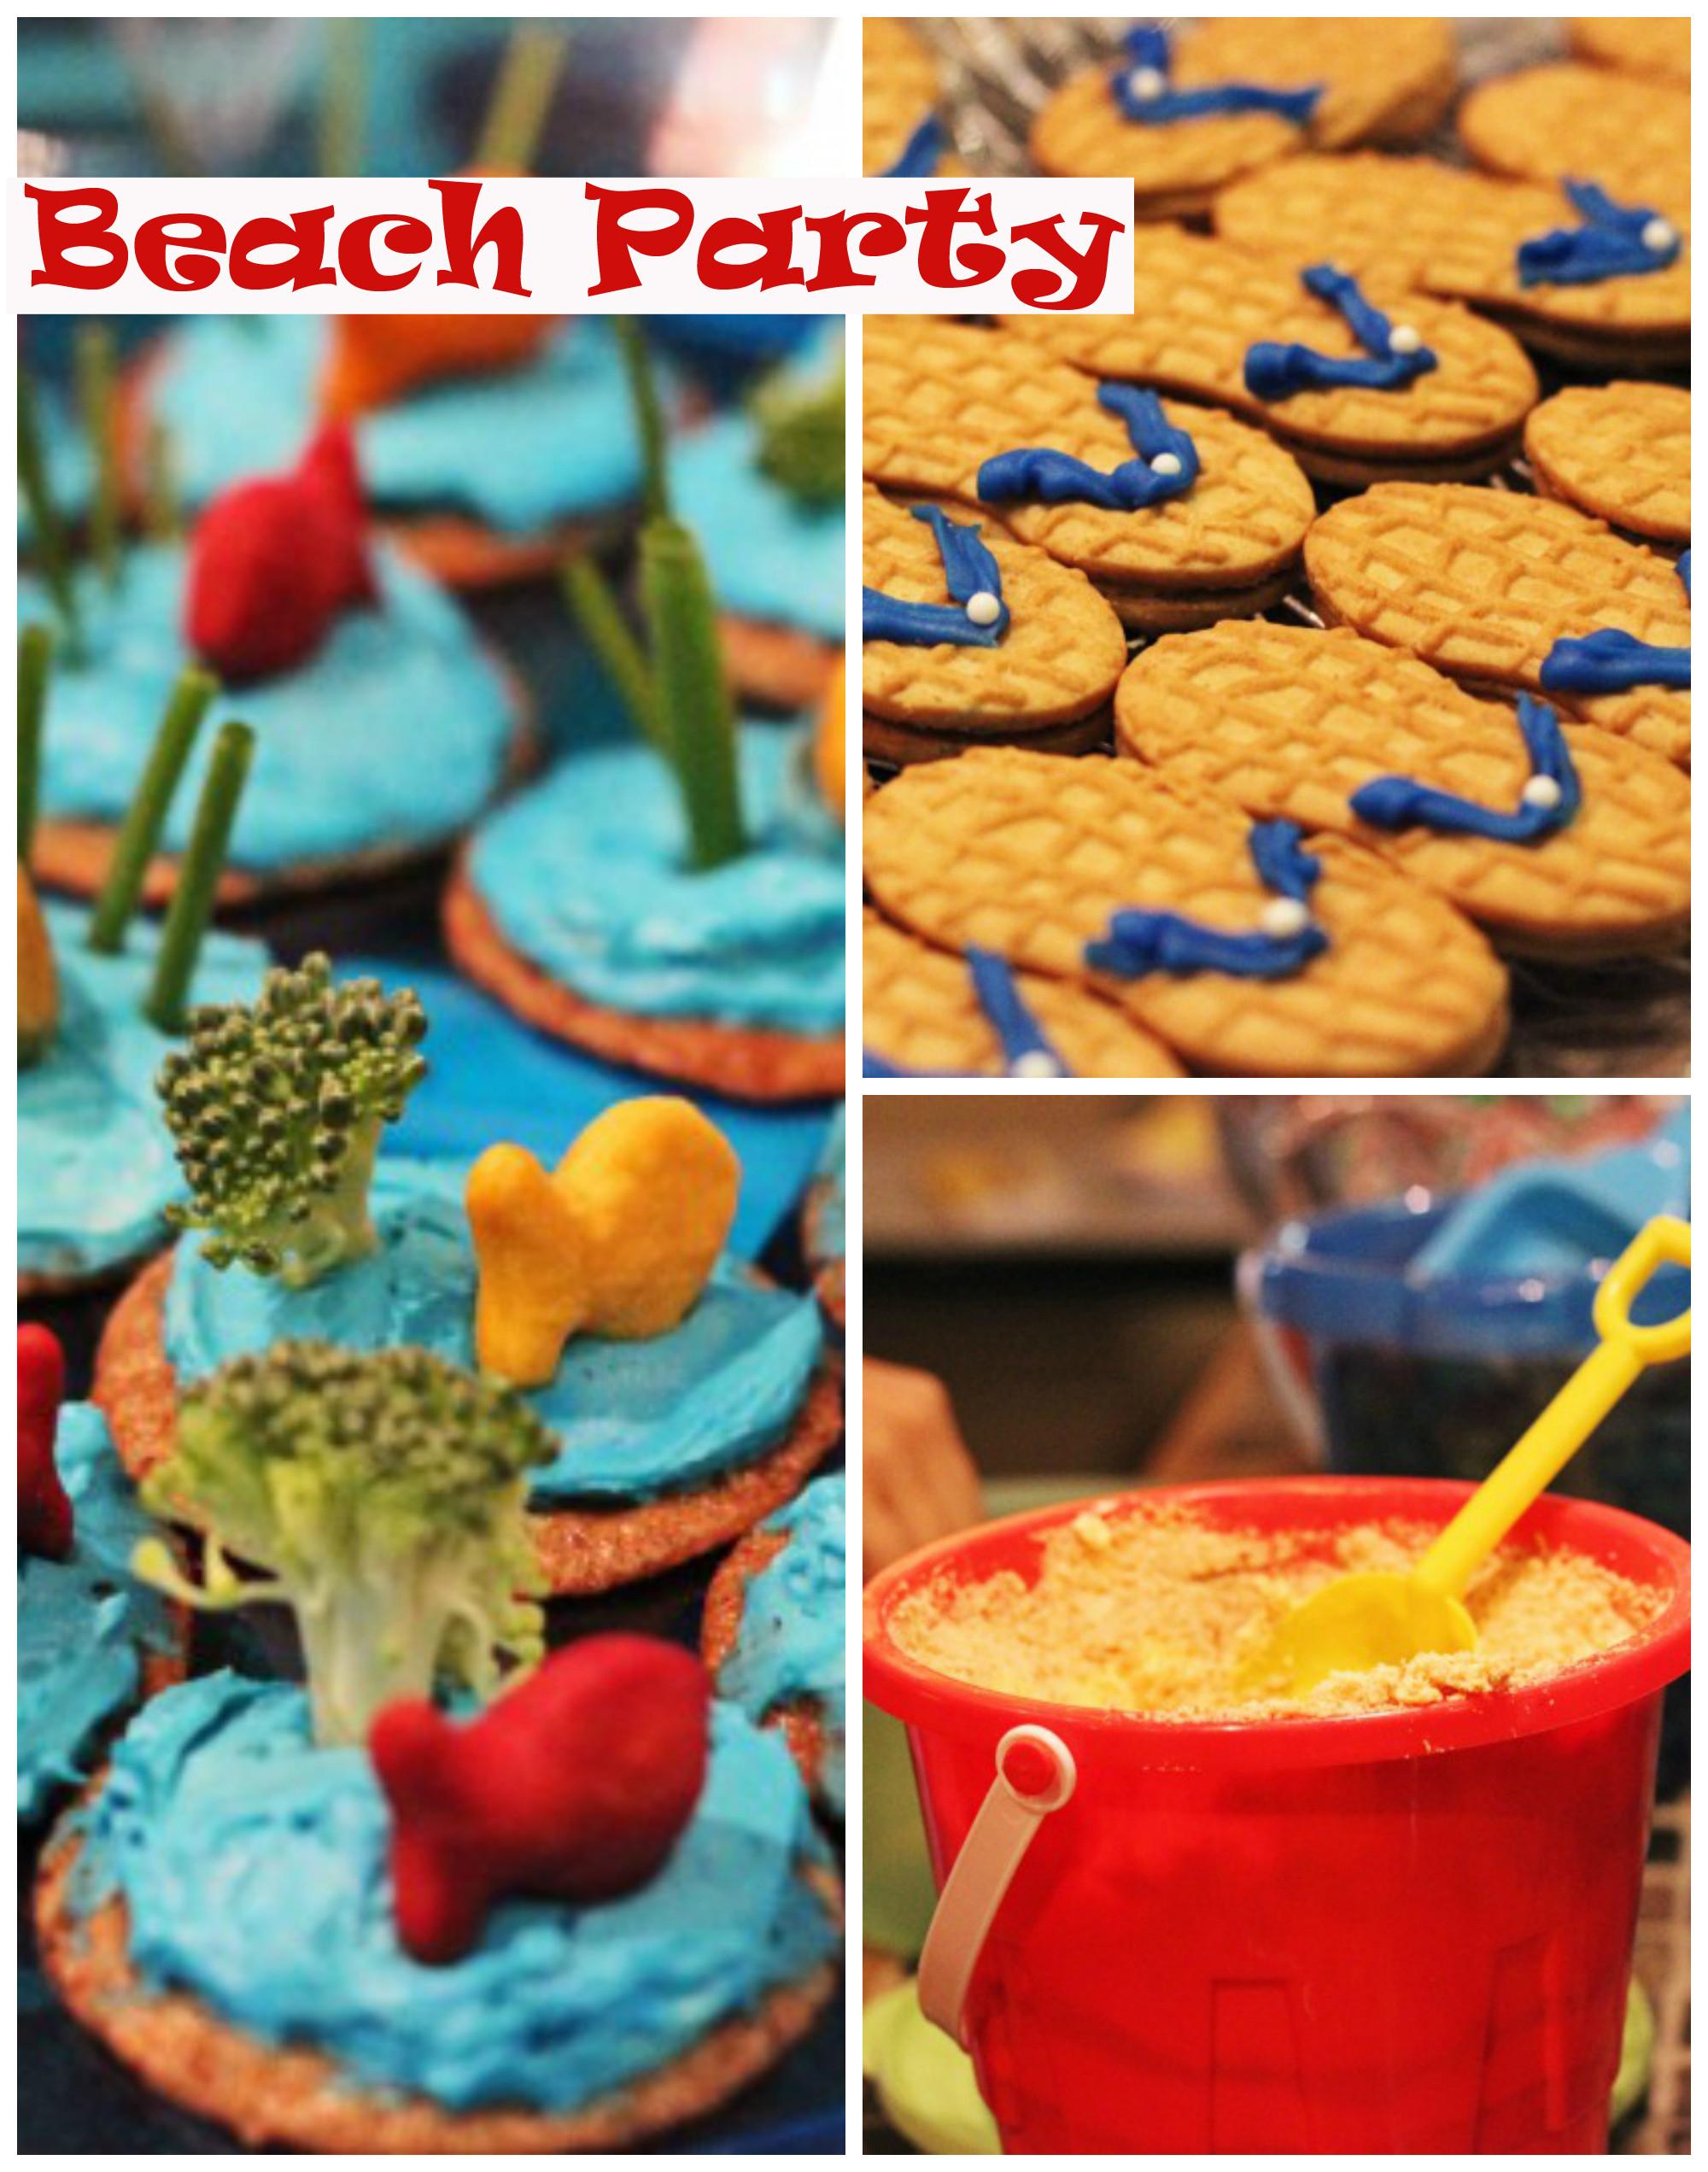 Ideas For Beach Party Theme  Beach Party Ideas Beach Themed Party Beach Theme